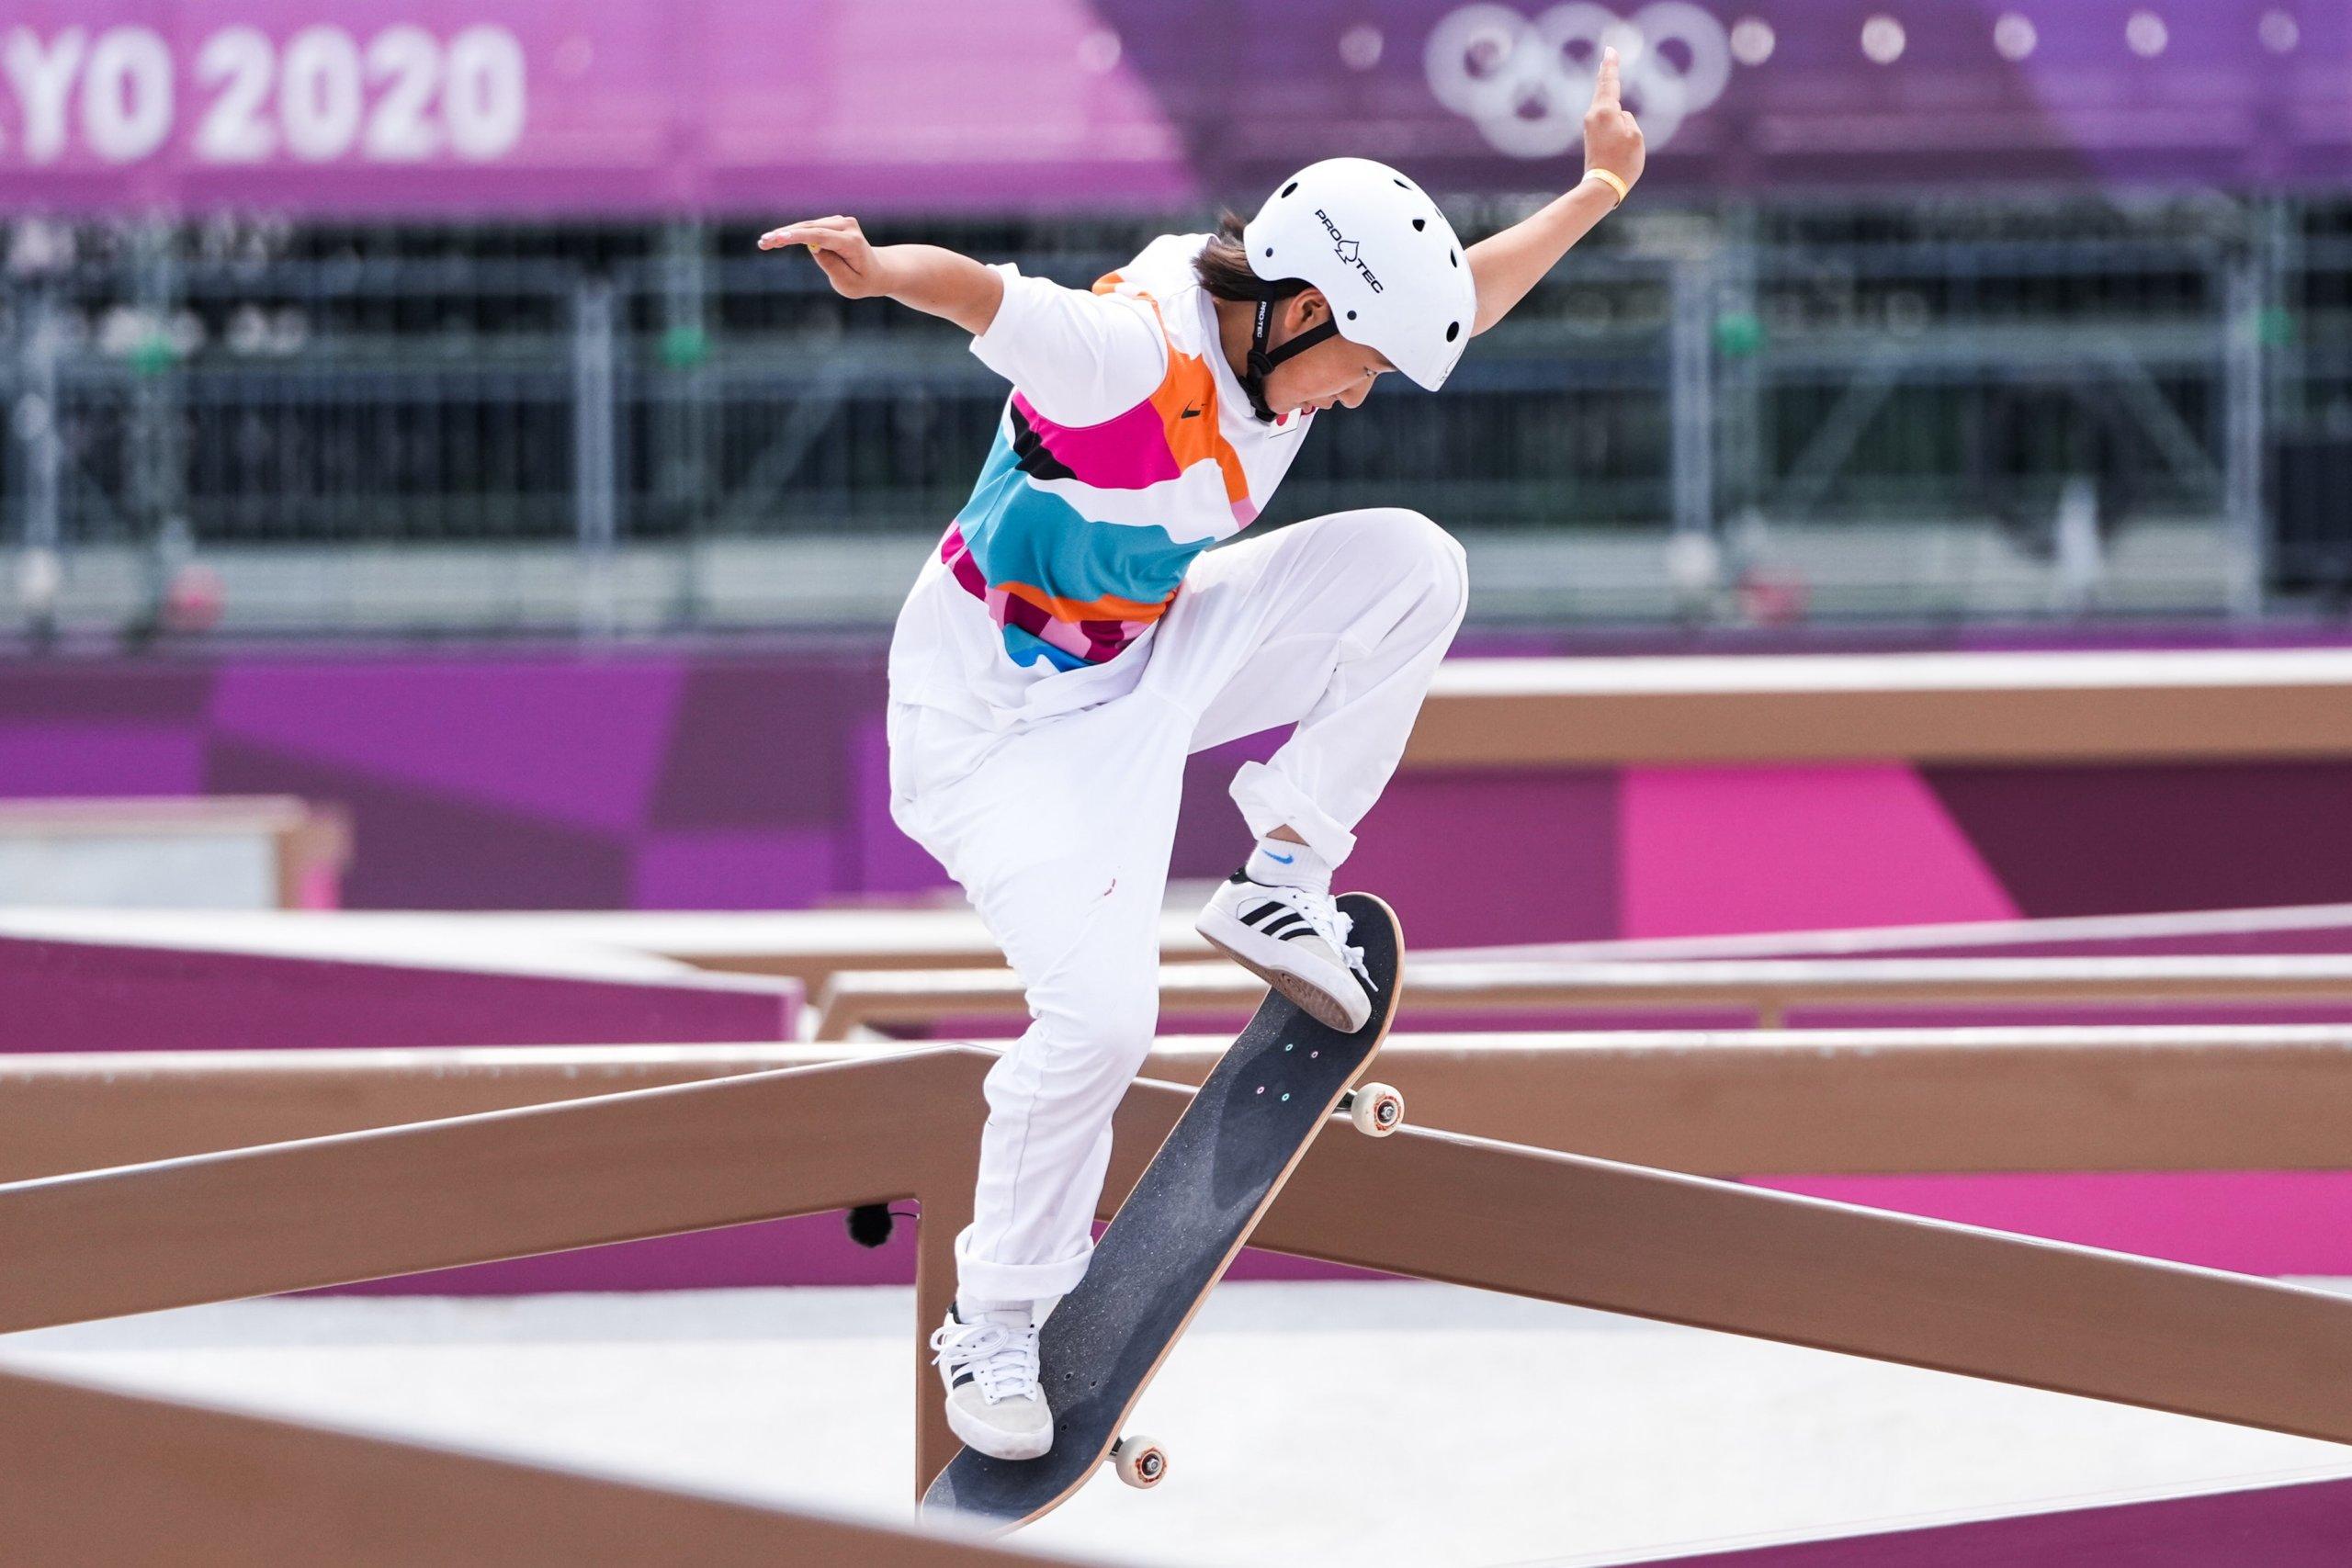 La japonesa Momiji Nishiya, de 13 años, logra el oro olímpico en el skateboarding